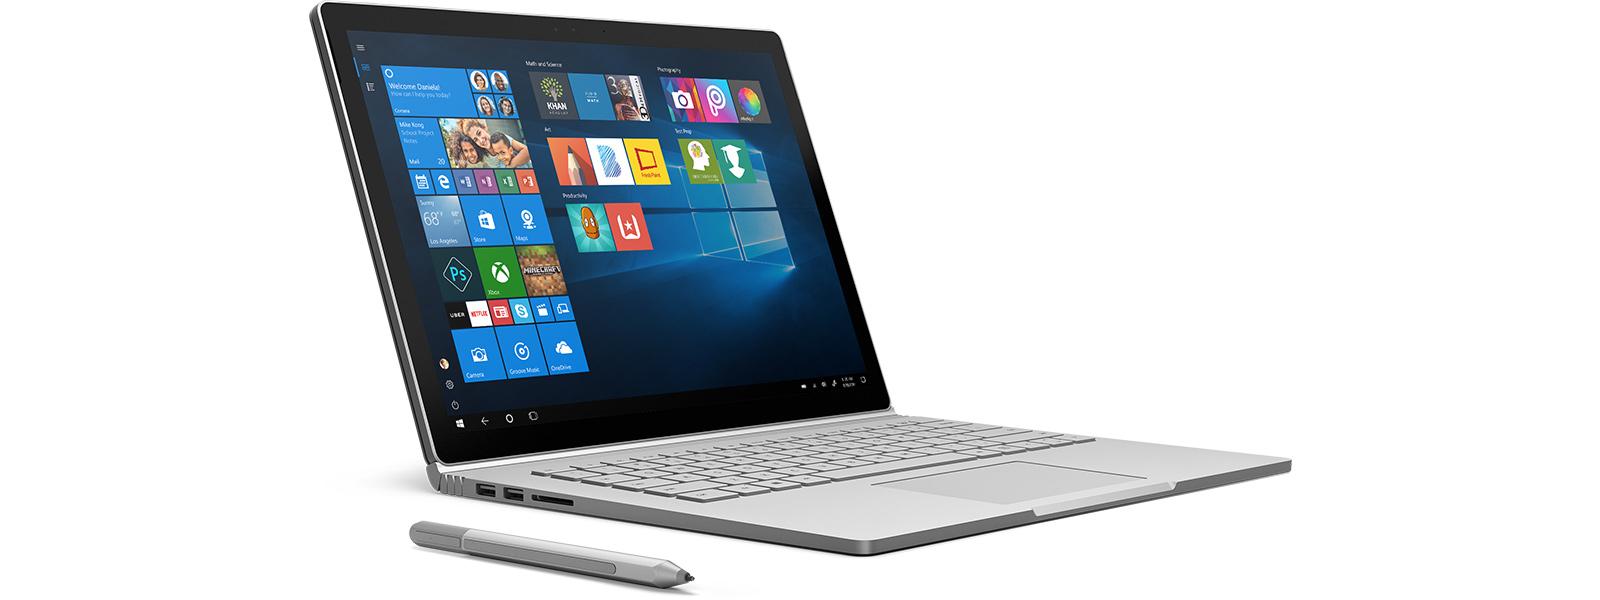 Windows 10-enhed med apps på Startskærmen.